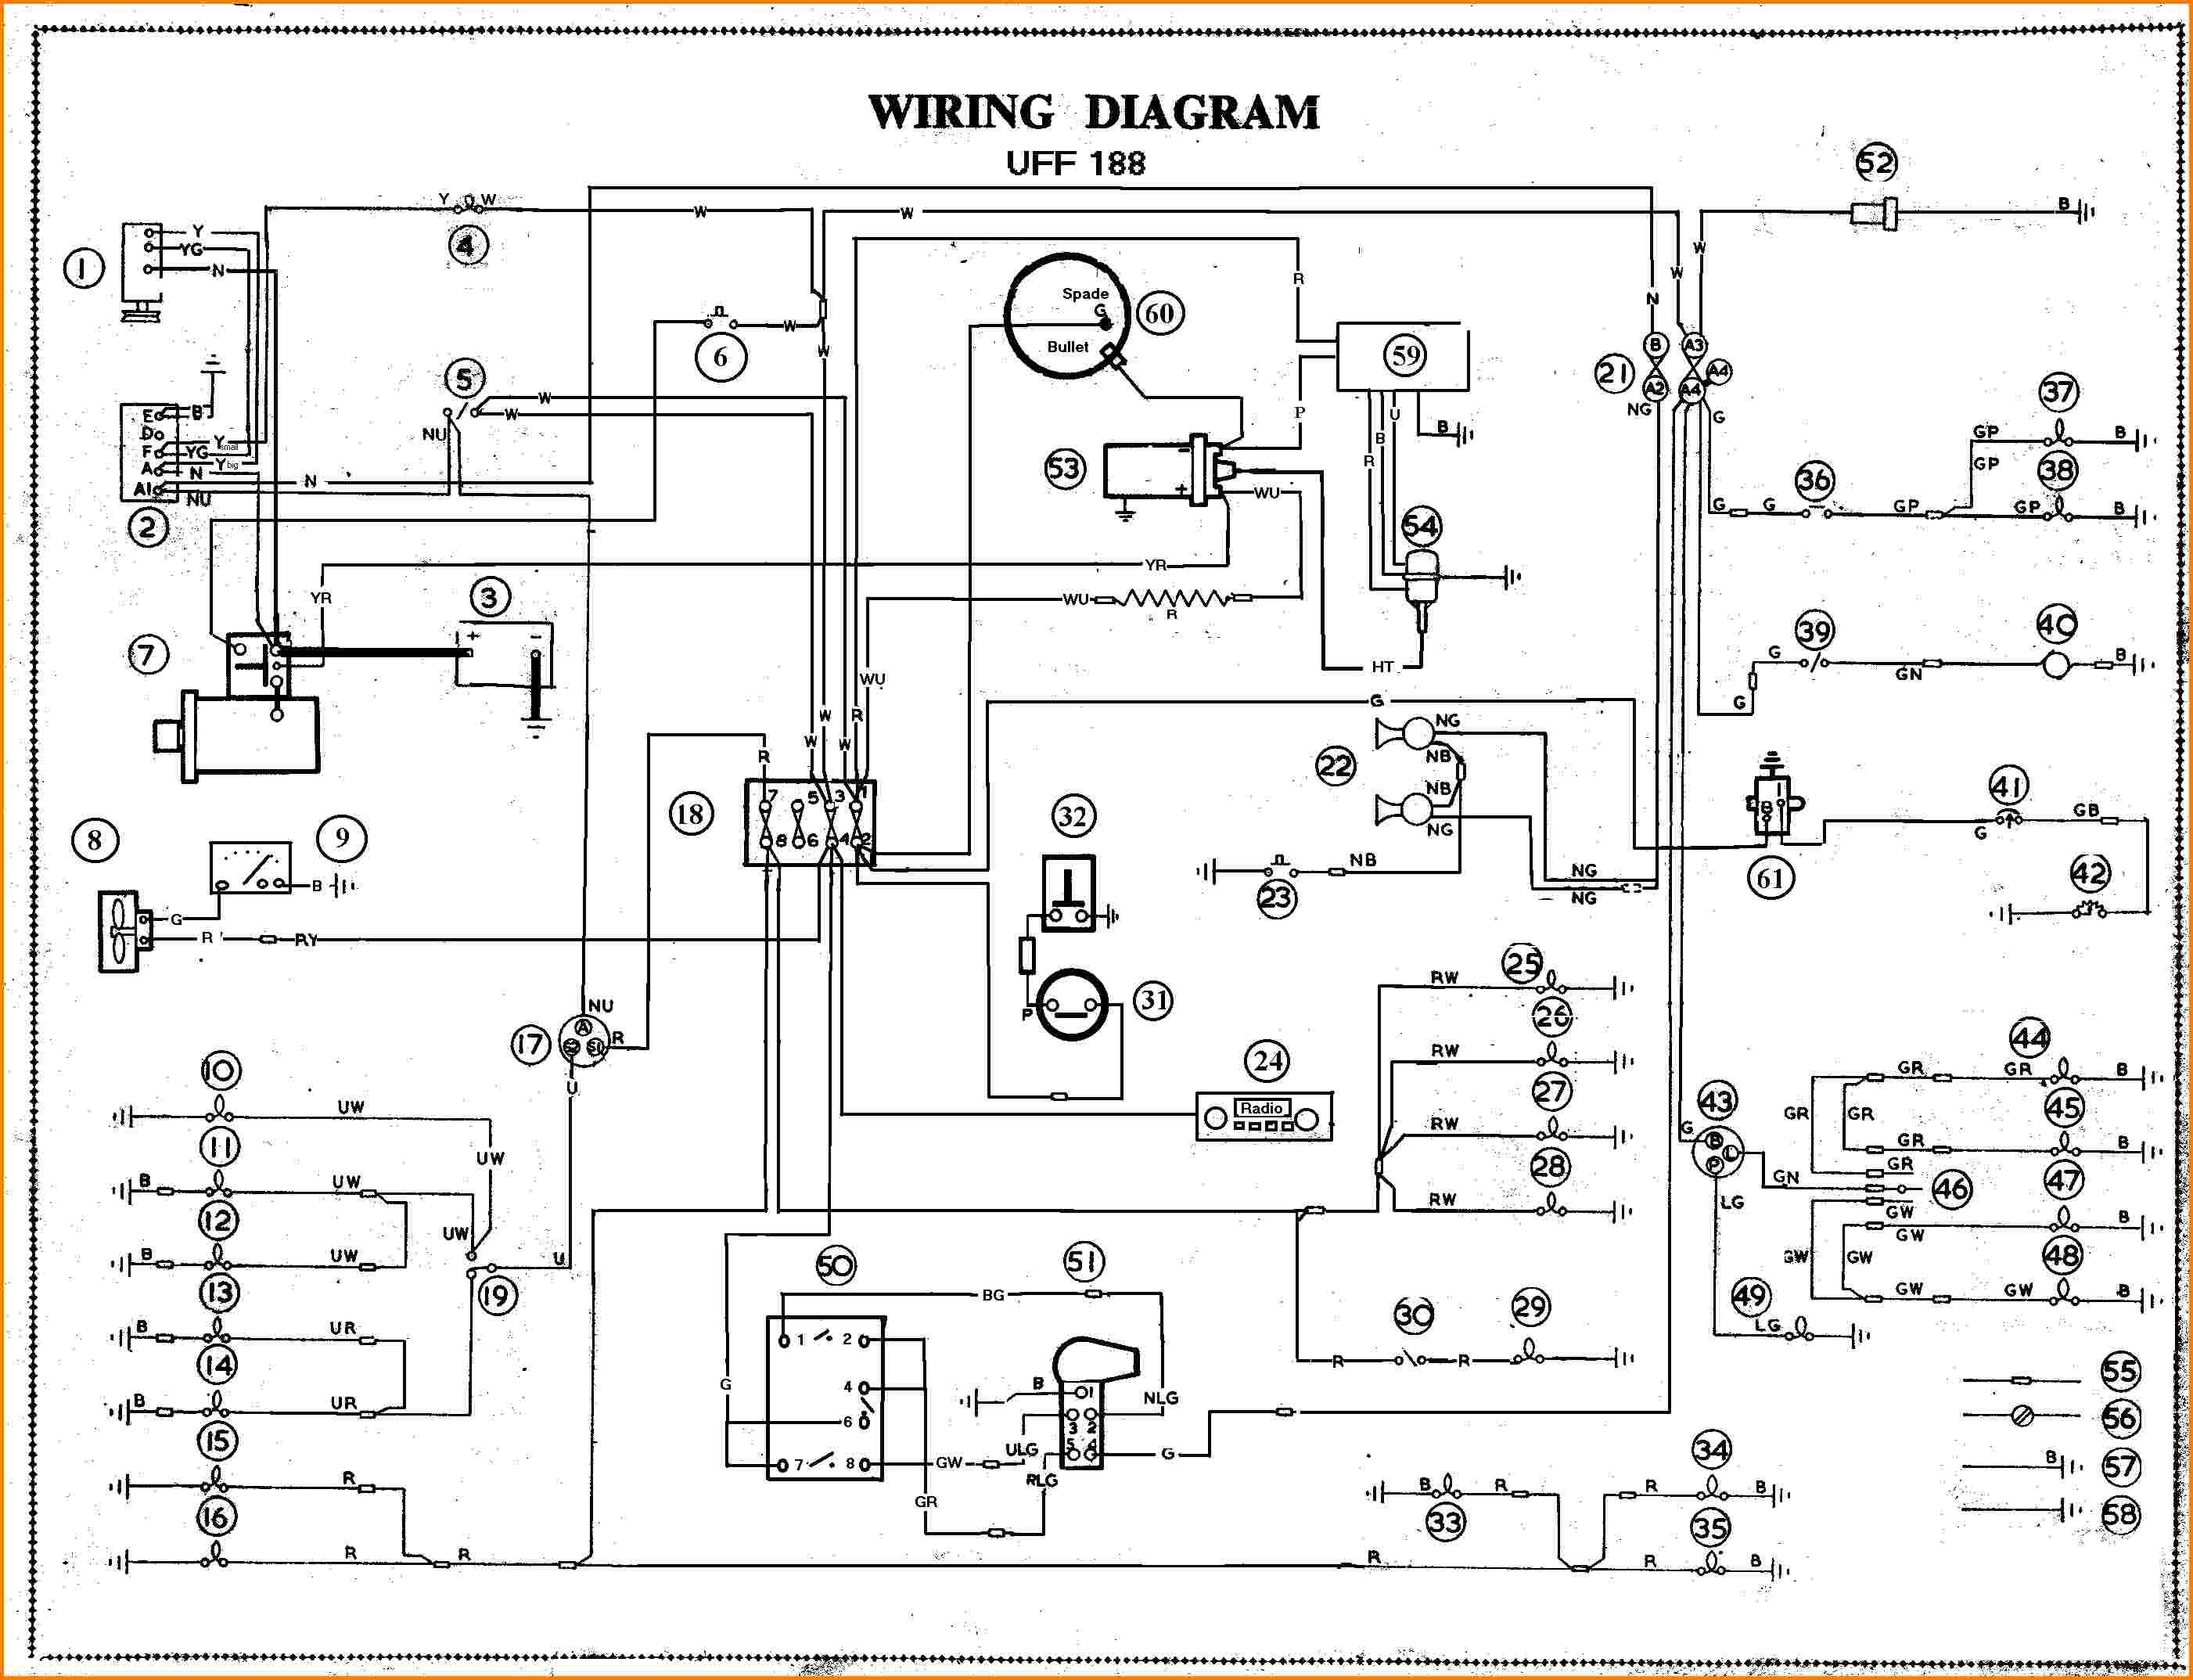 Car Wire Schematic 2007 Lancer Fuse Box For Wiring Diagram Schematics